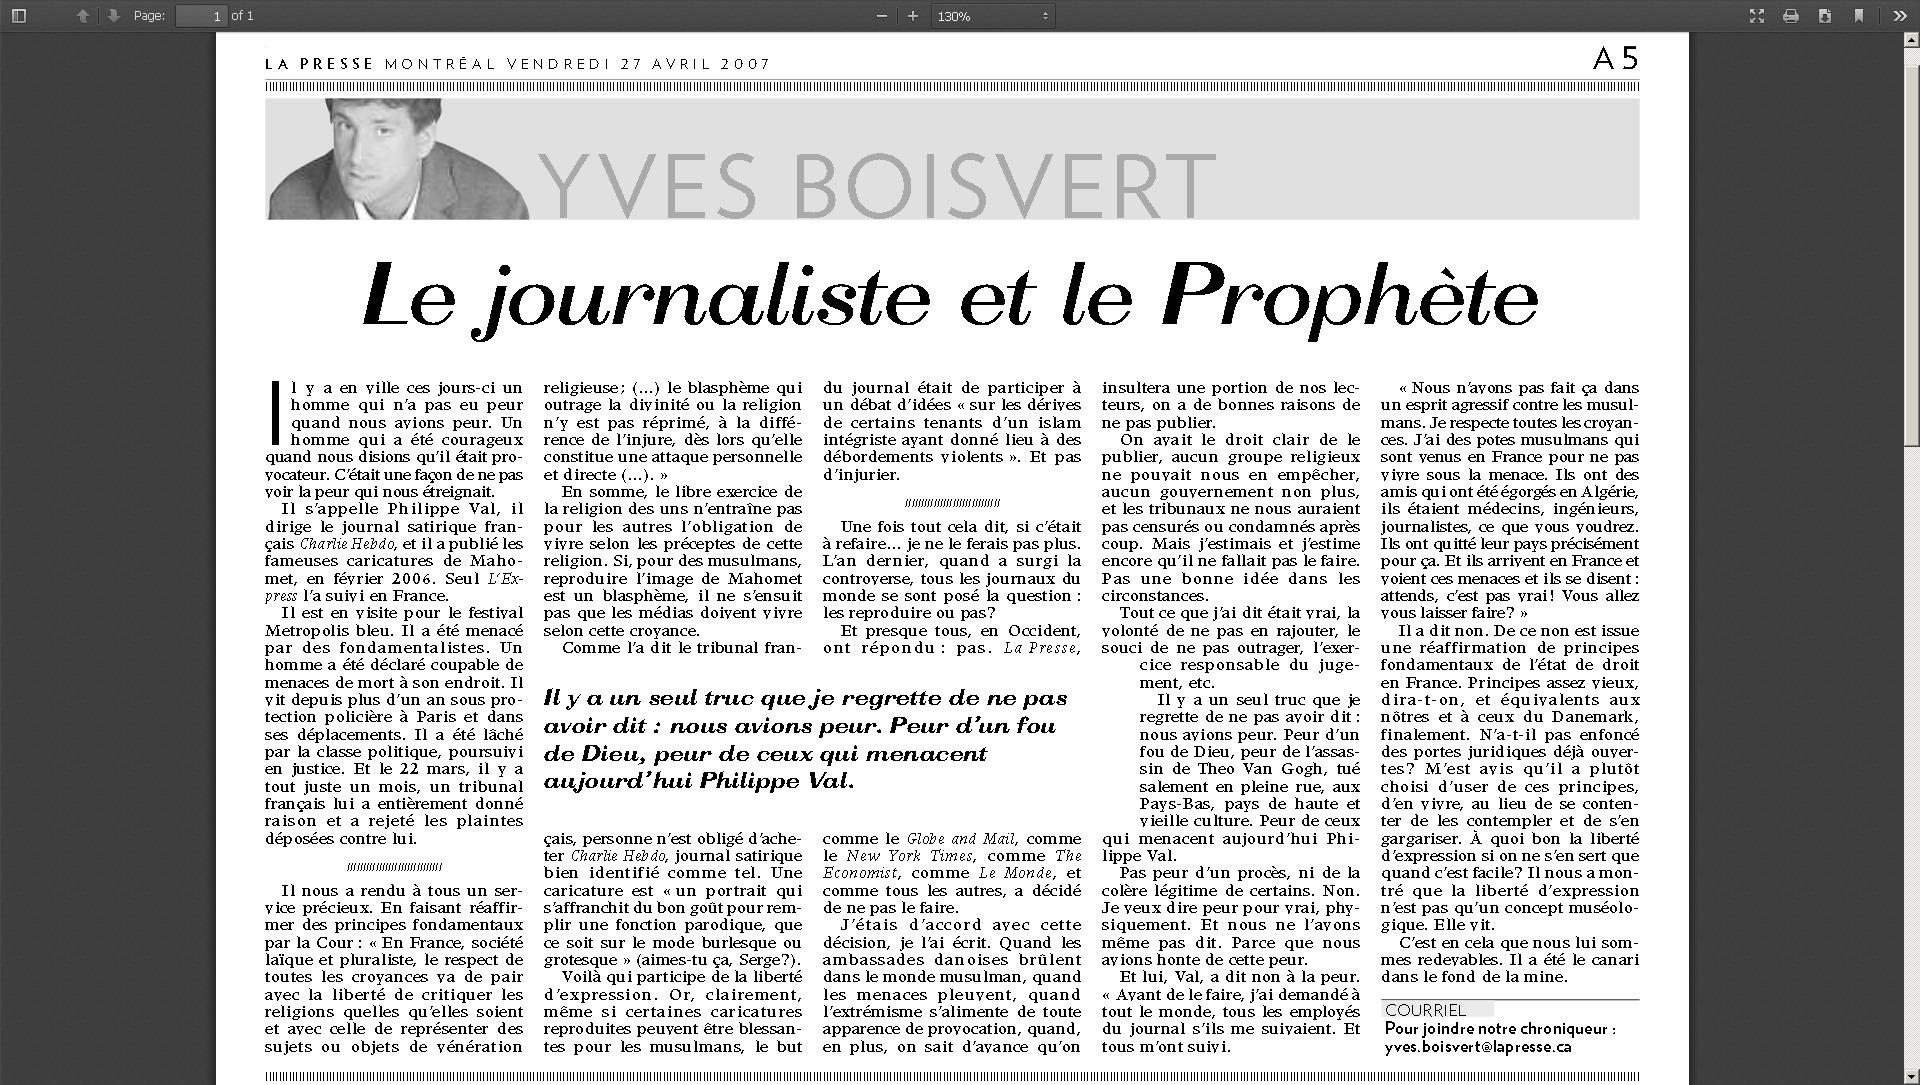 boisvert la presse a5 la peur de boisvert.pdf 2014-04-15 08-13-29